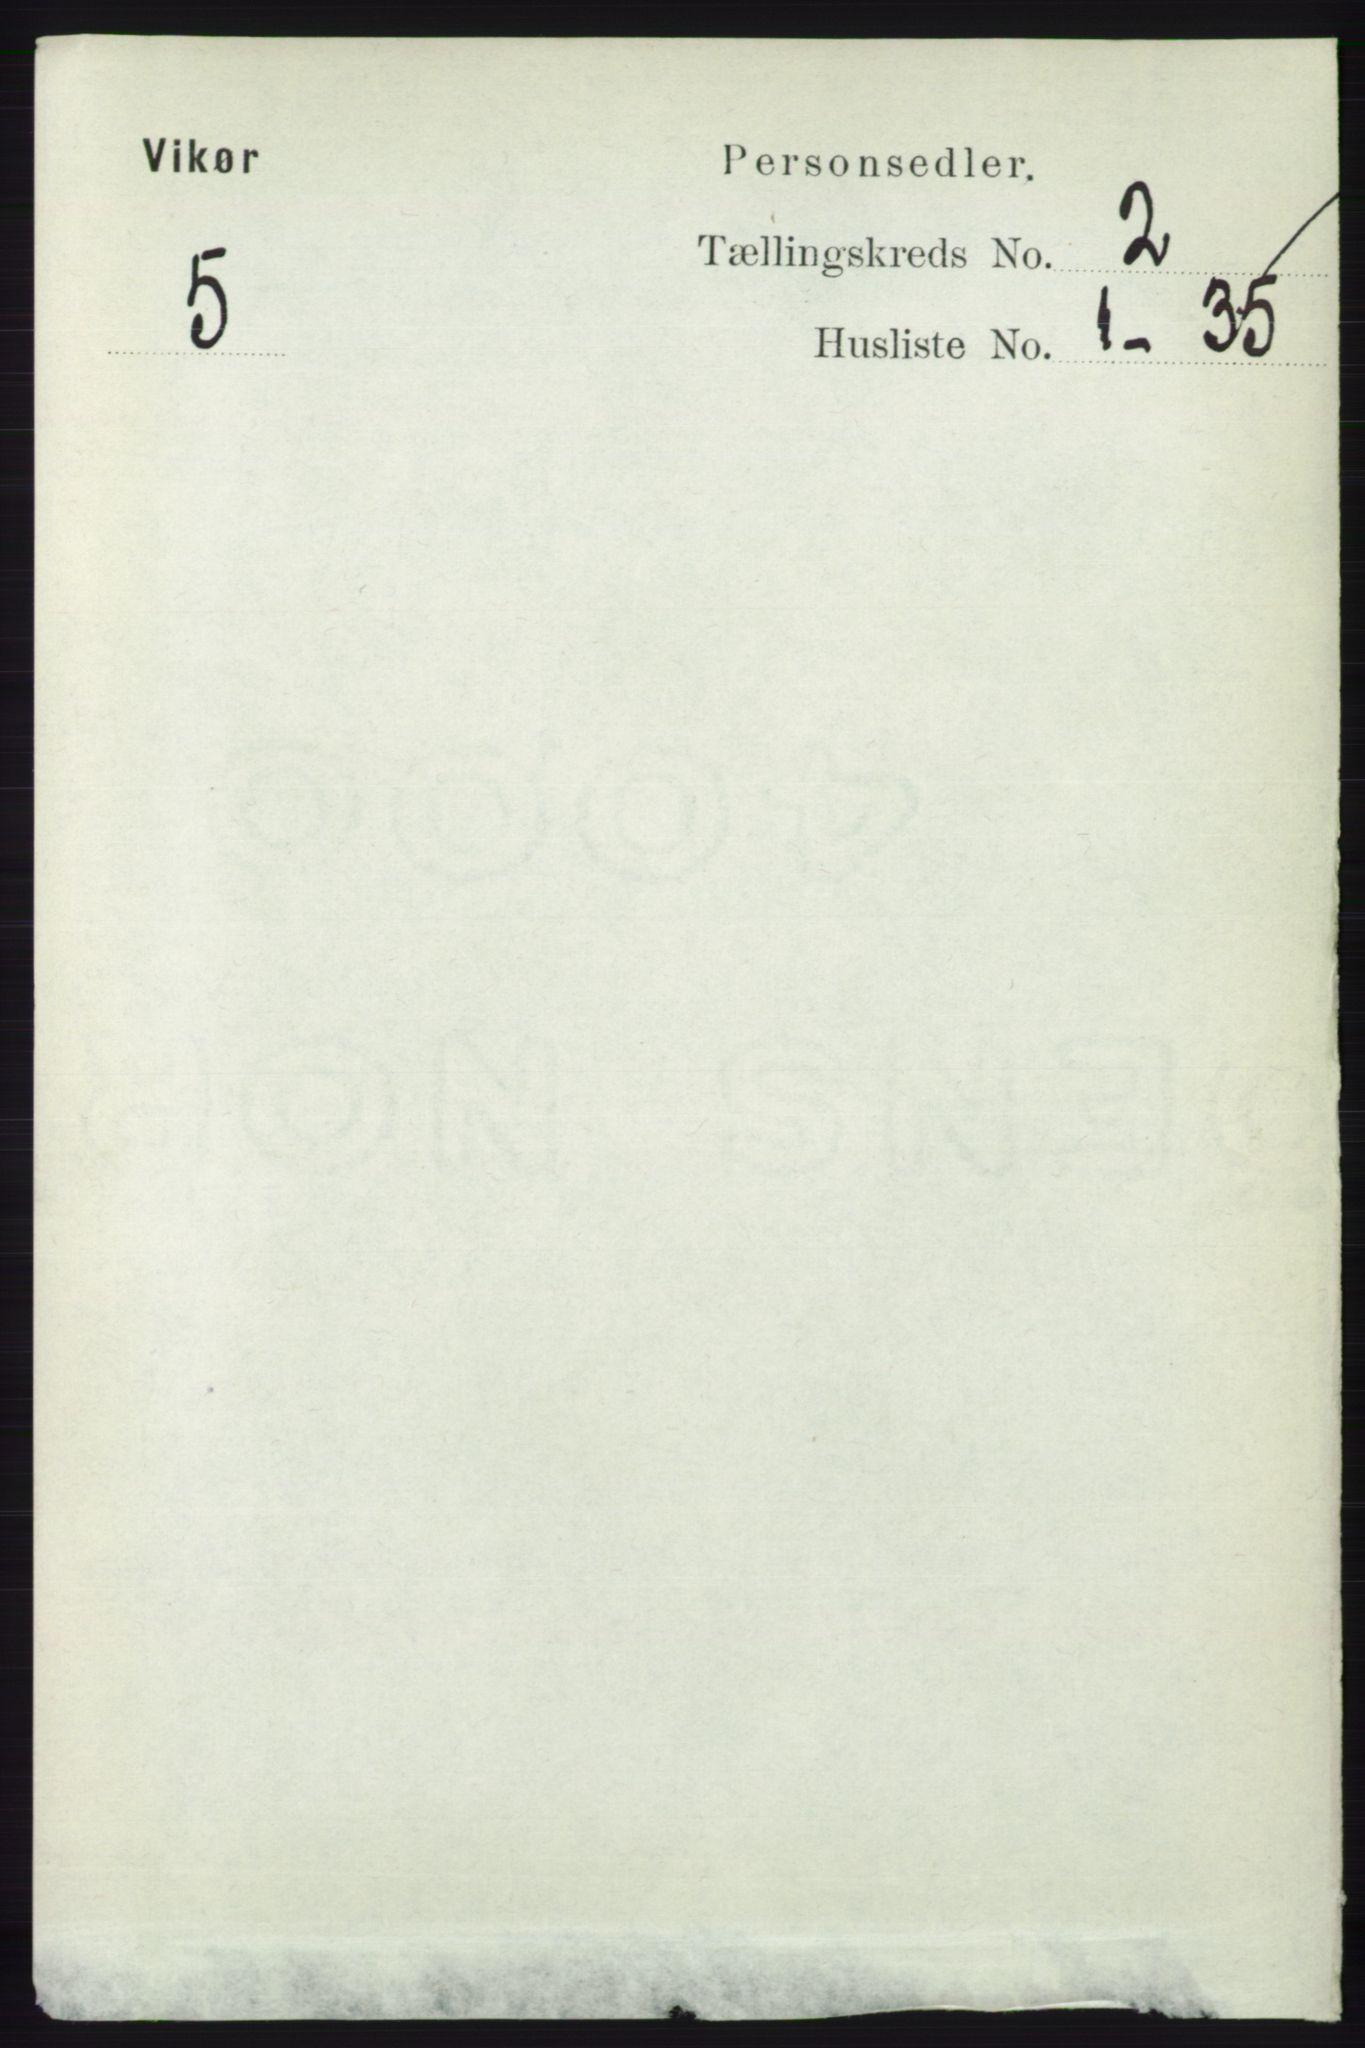 RA, Folketelling 1891 for 1238 Vikør herred, 1891, s. 478